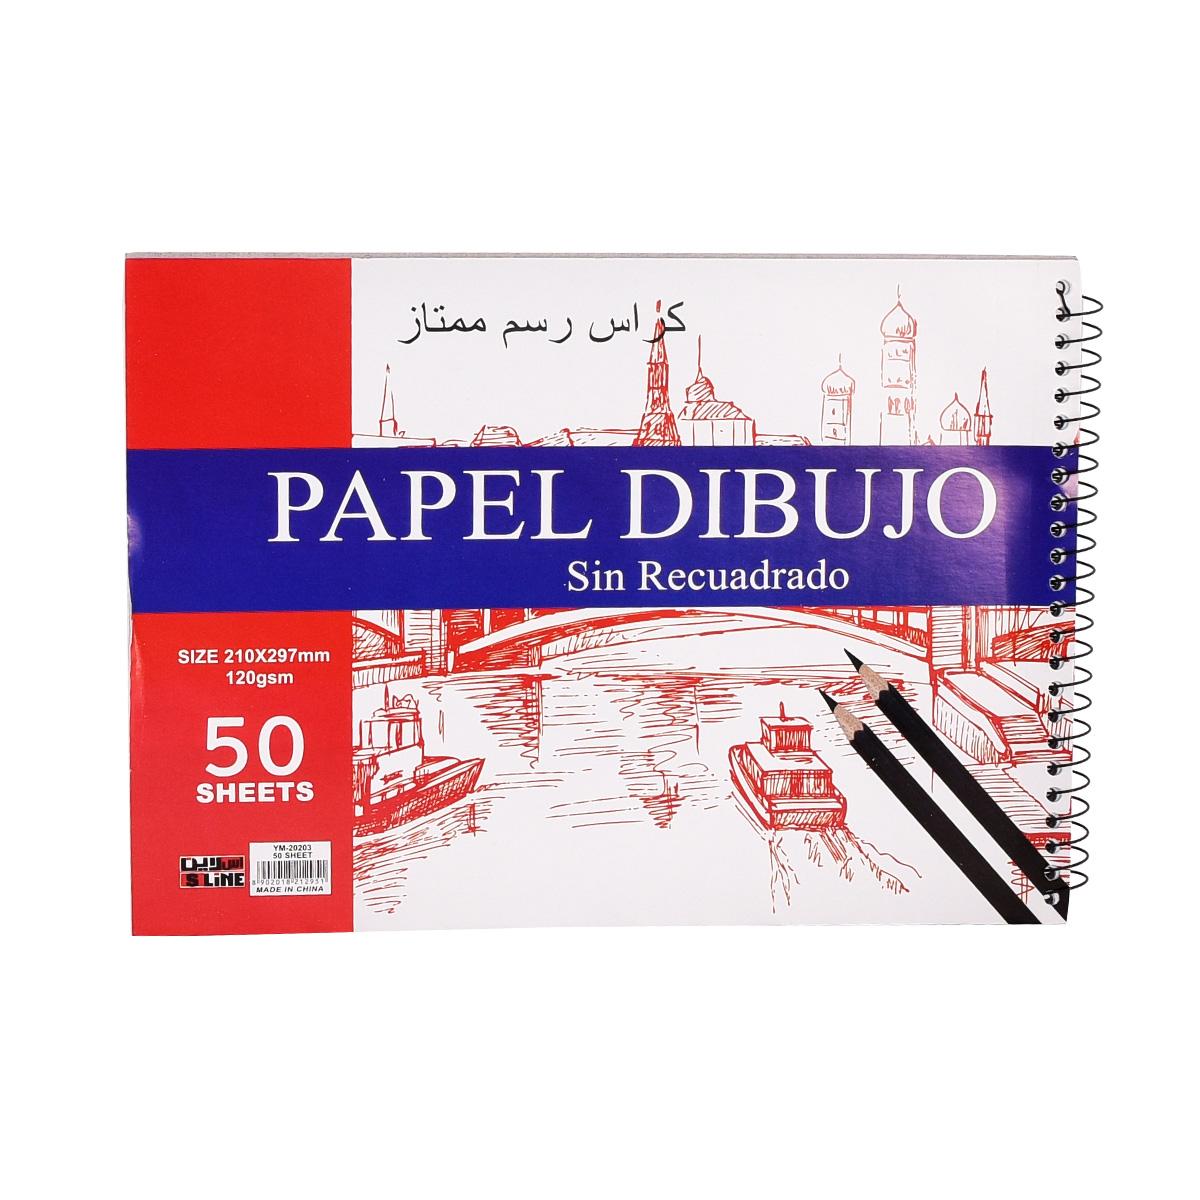 كراس رسم  اس لاين ابيض - 50 ورقة - مقاس  210*297  مم - غلاف بألوان متعددة